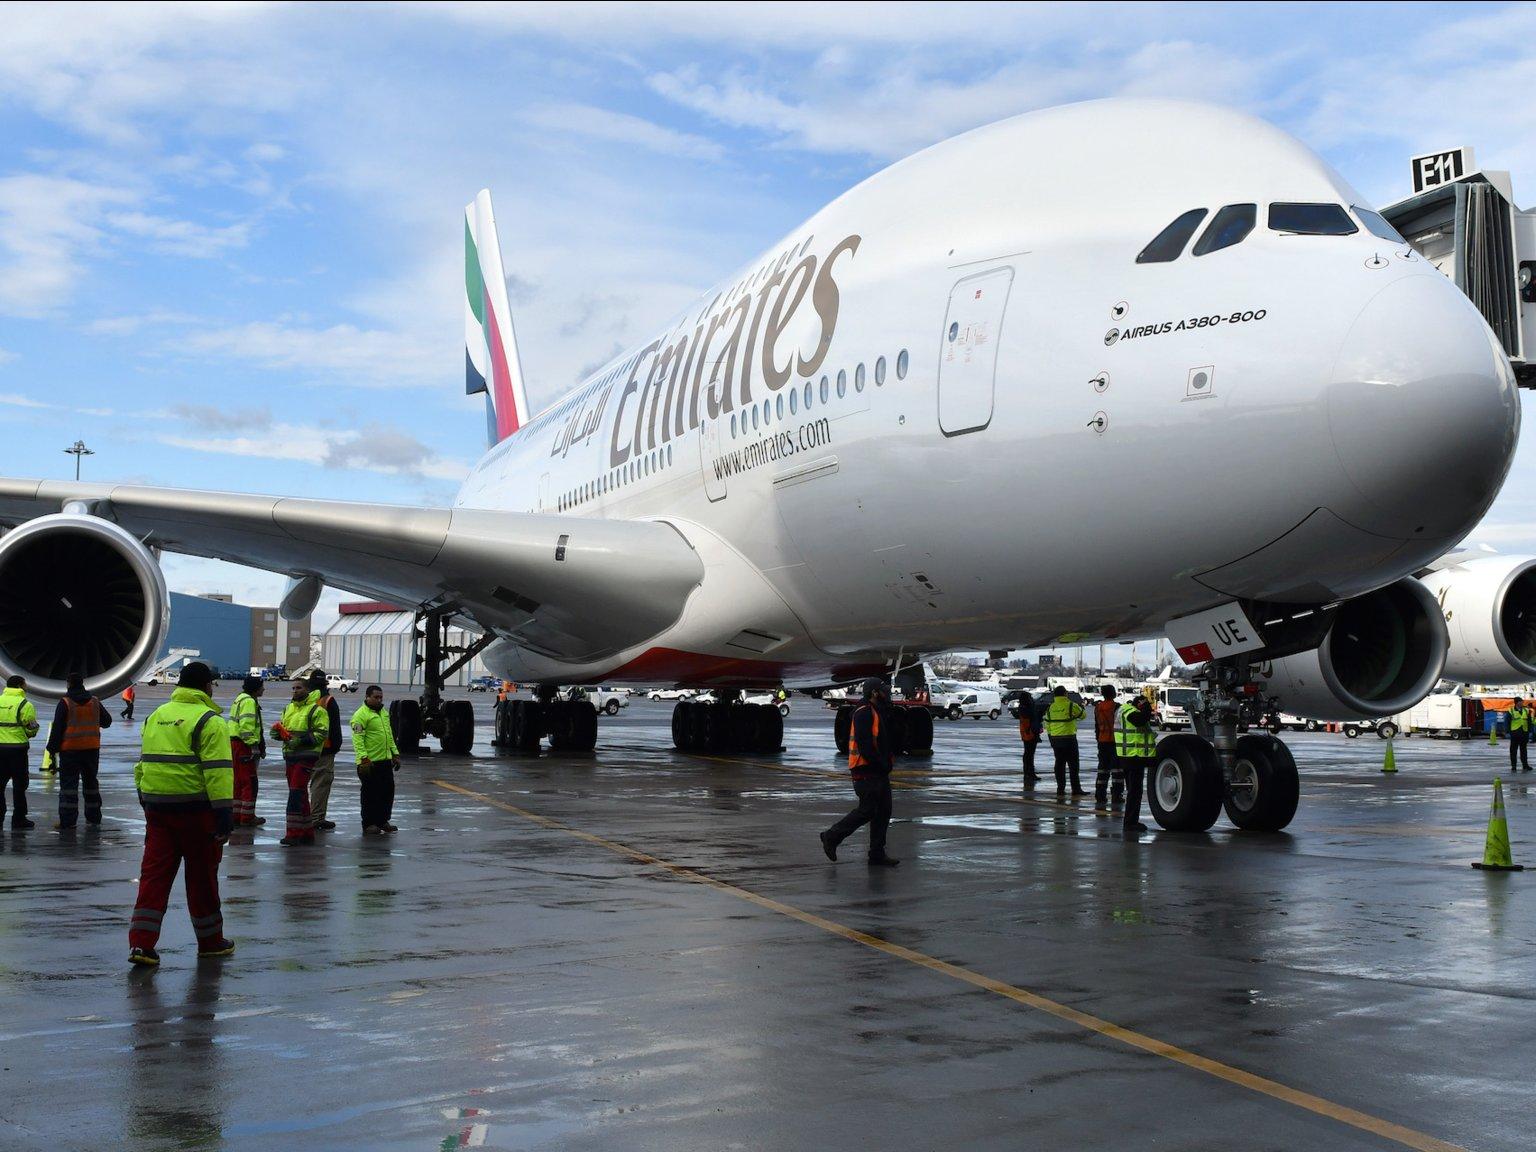 Emirates предлагает перелеты 2 на 1 в Грецию, Бали и более на ограниченное время